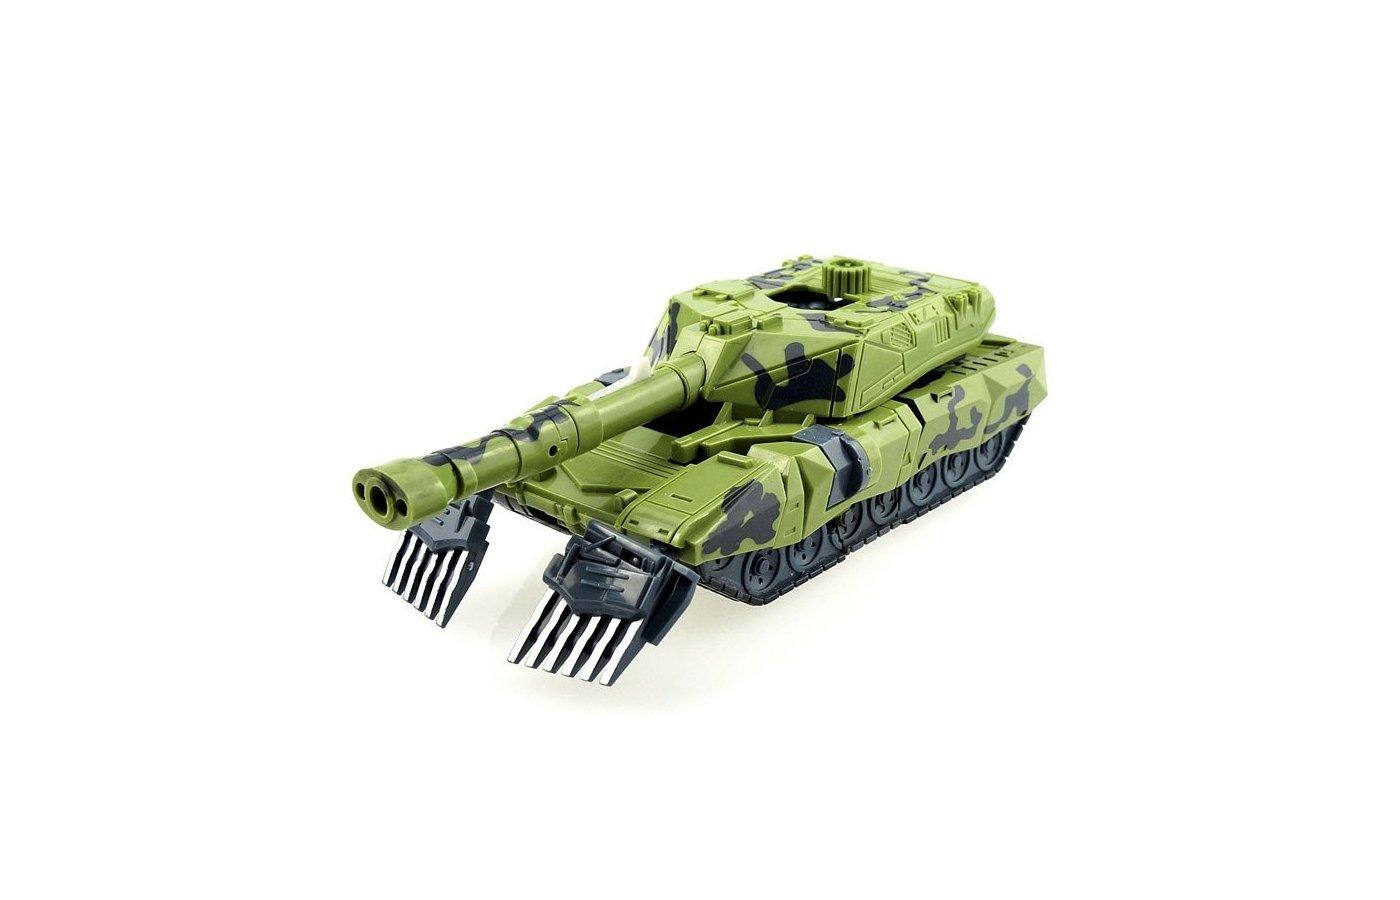 Робот Mengbadi 3305B Трансформер Танк-Агрессор зелёный